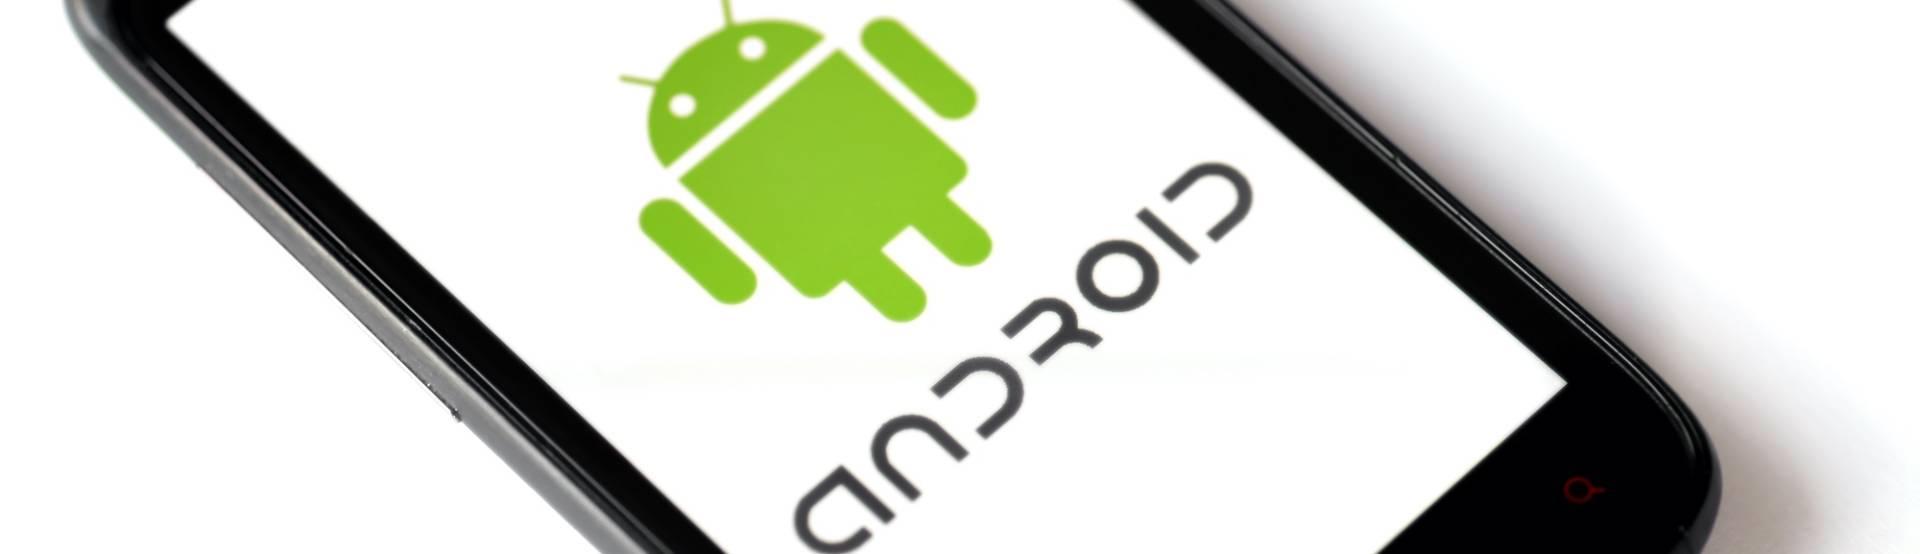 A rischio un miliardo di smartphone Android per la vulnerabilità Achilles